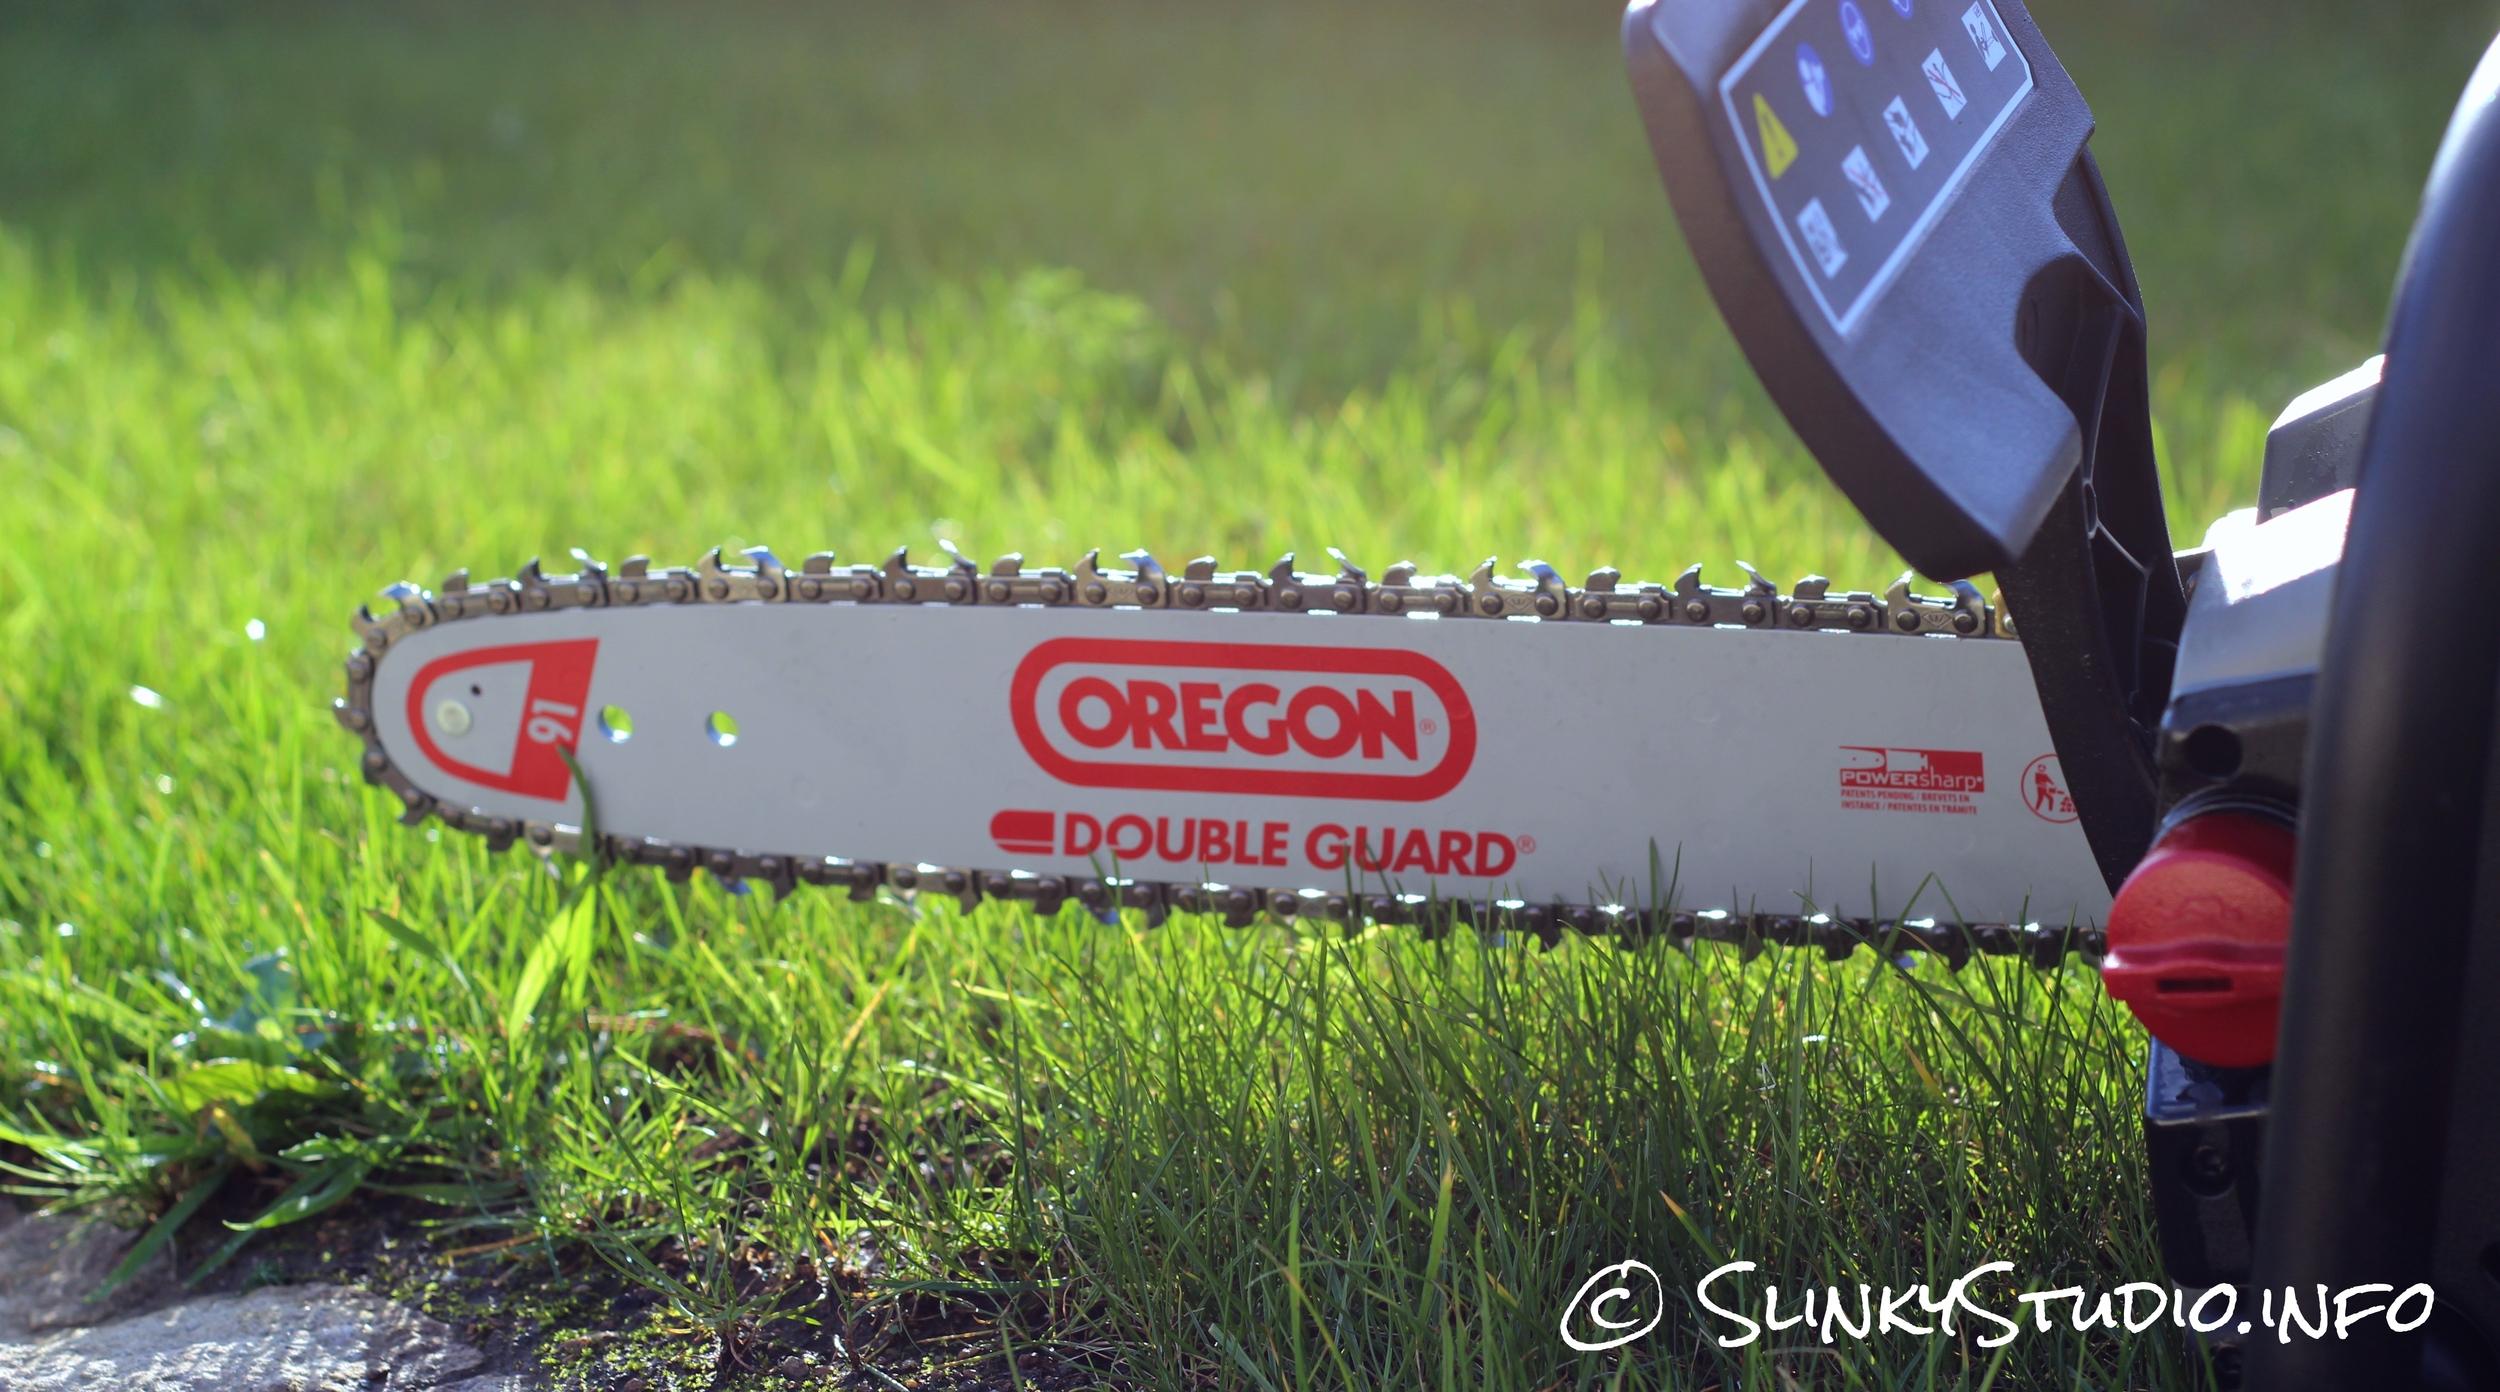 Oregon CS300 Cordless Chainsaw Back View Chain Guide Bar.jpg